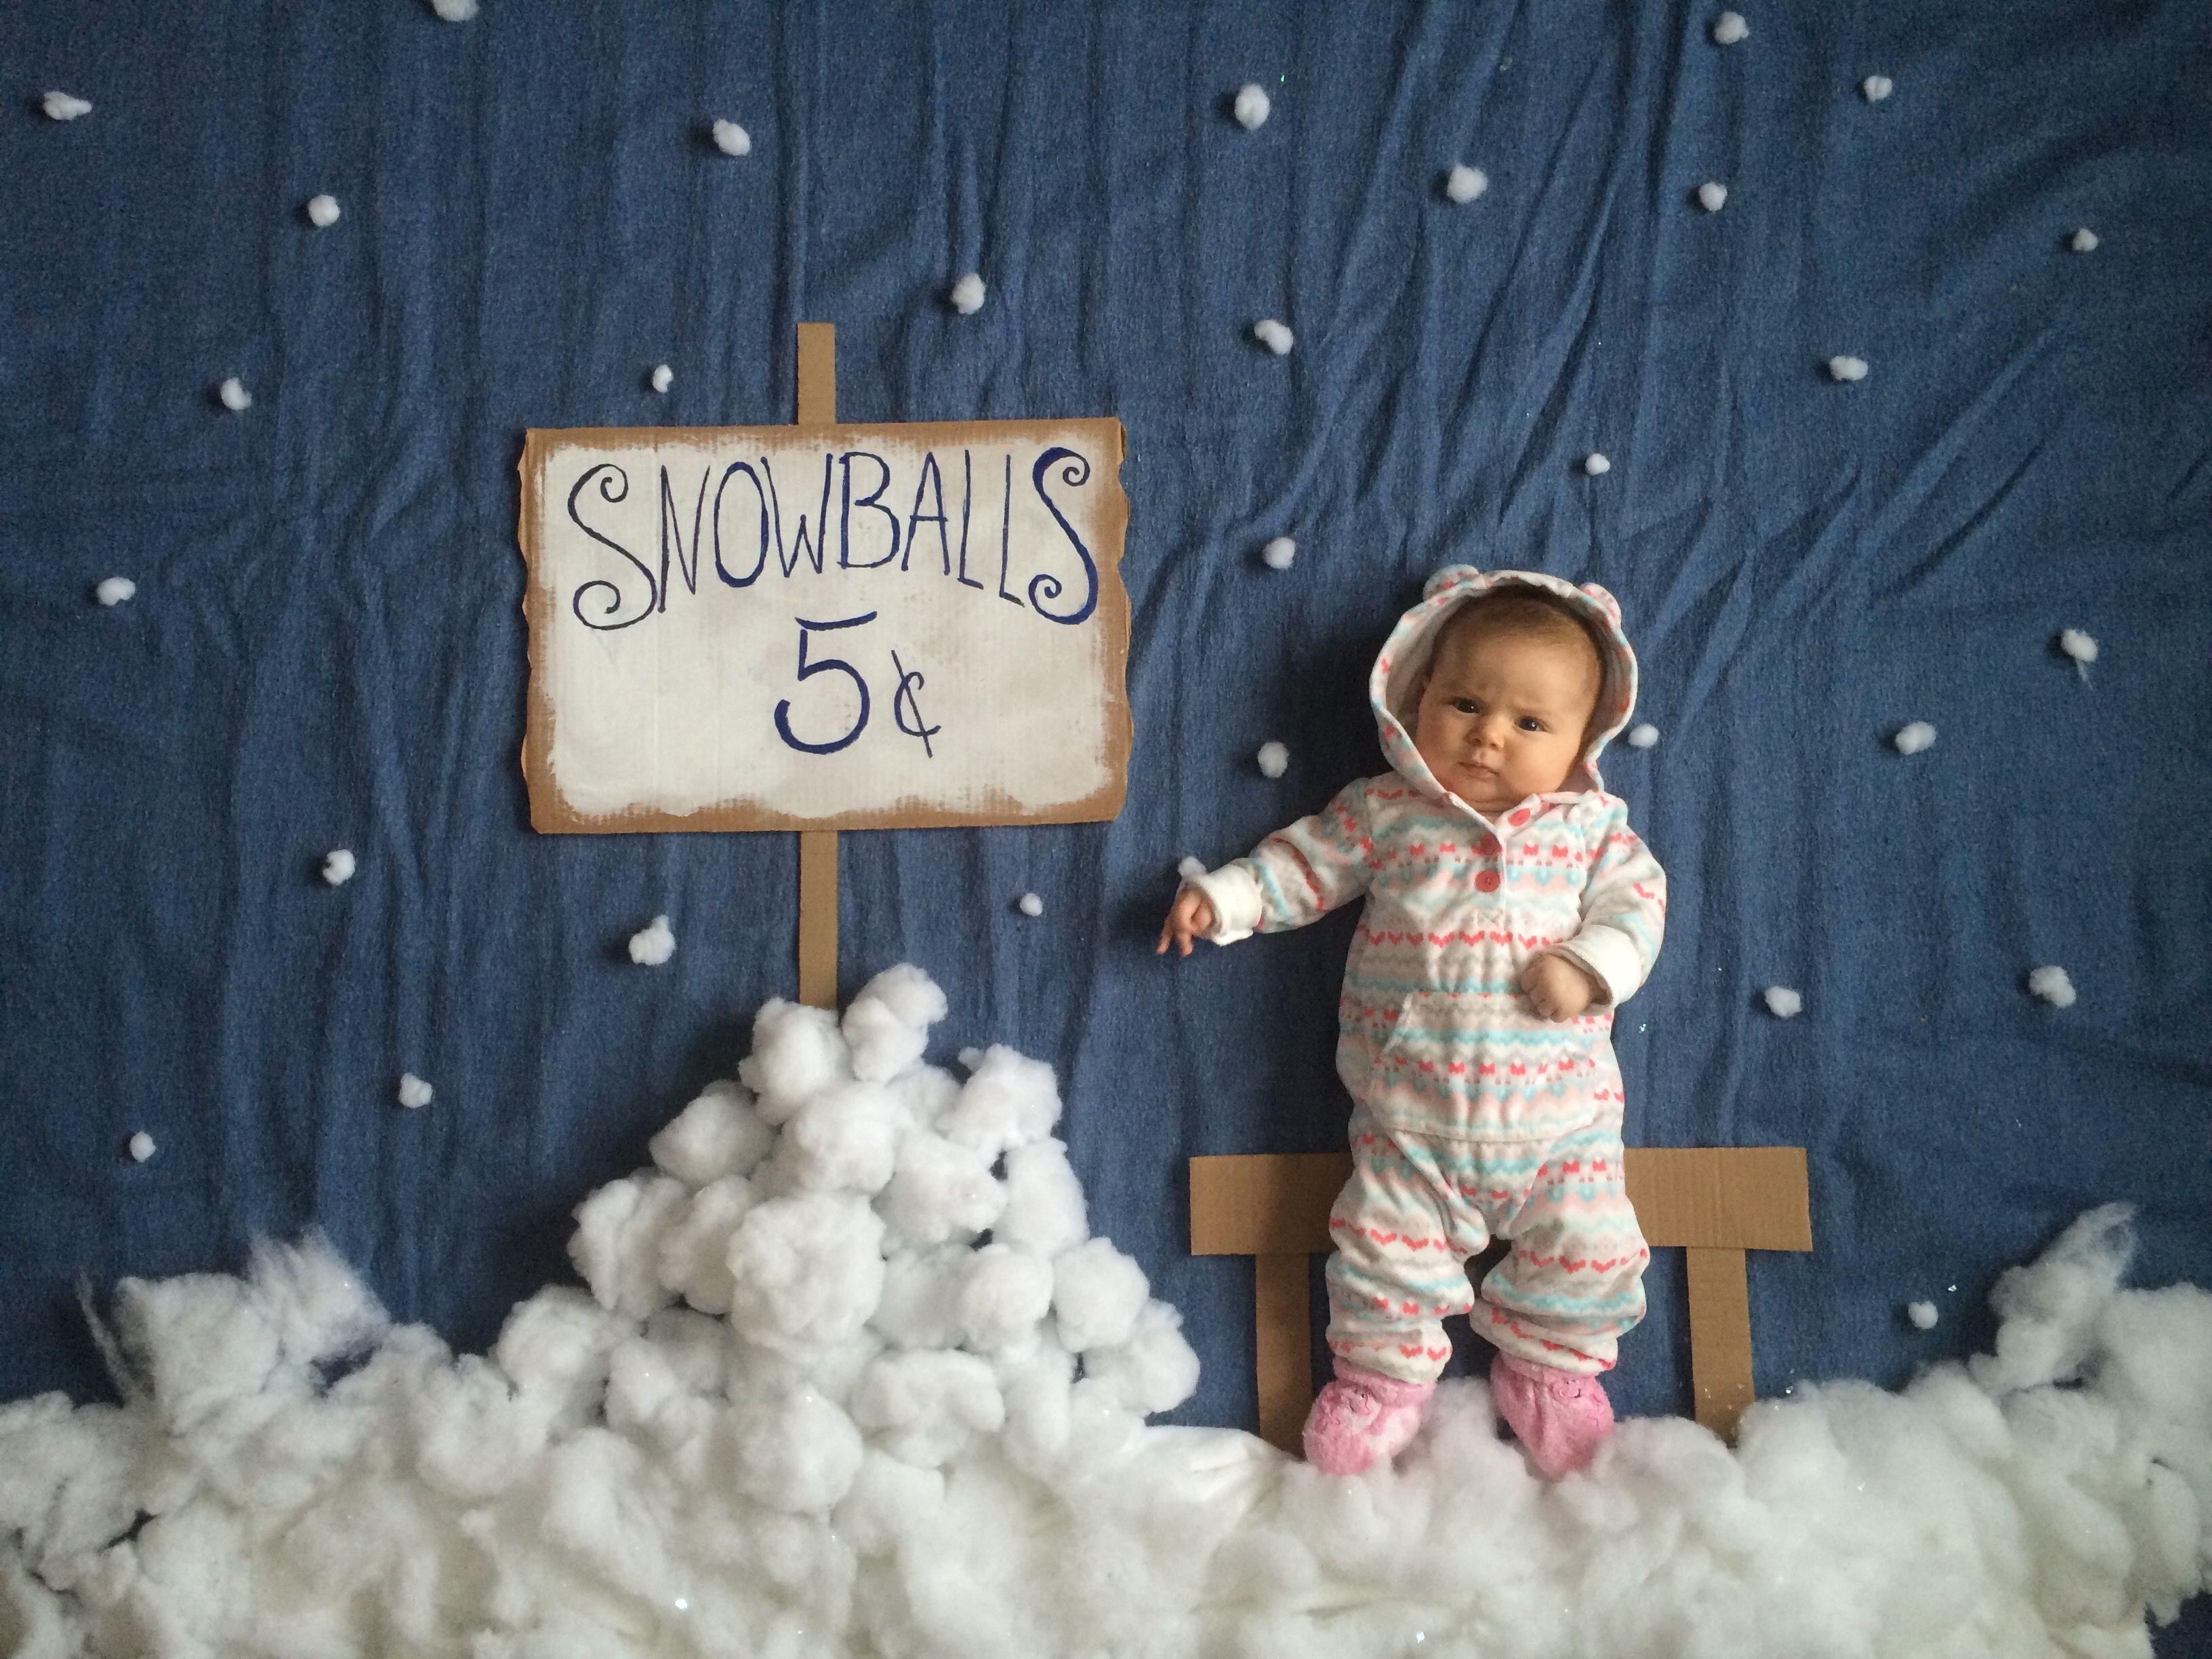 Creative Baby Photos Baby Boy Photography Newborn Baby Photography Baby Photoshoot